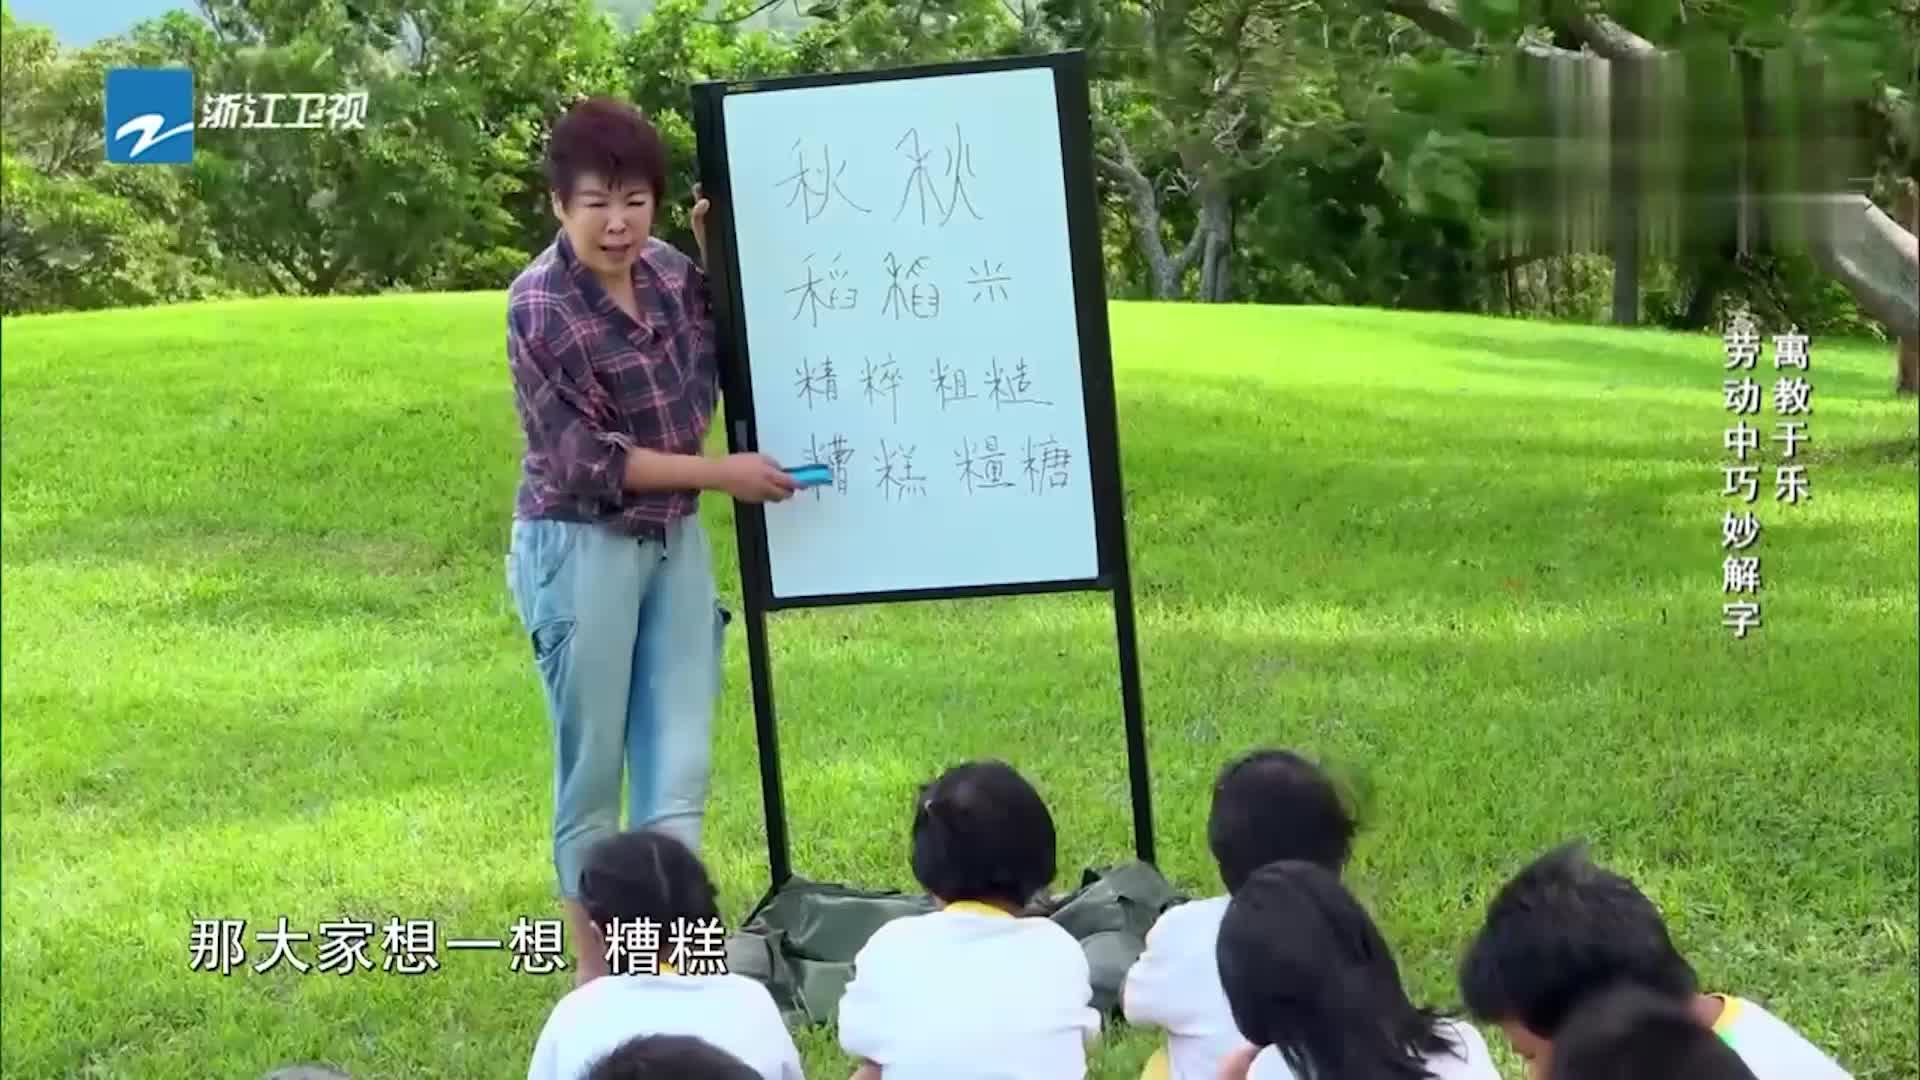 同一堂课:濮存晰带孩子们演课本剧,还亲自帮化妆,有心了